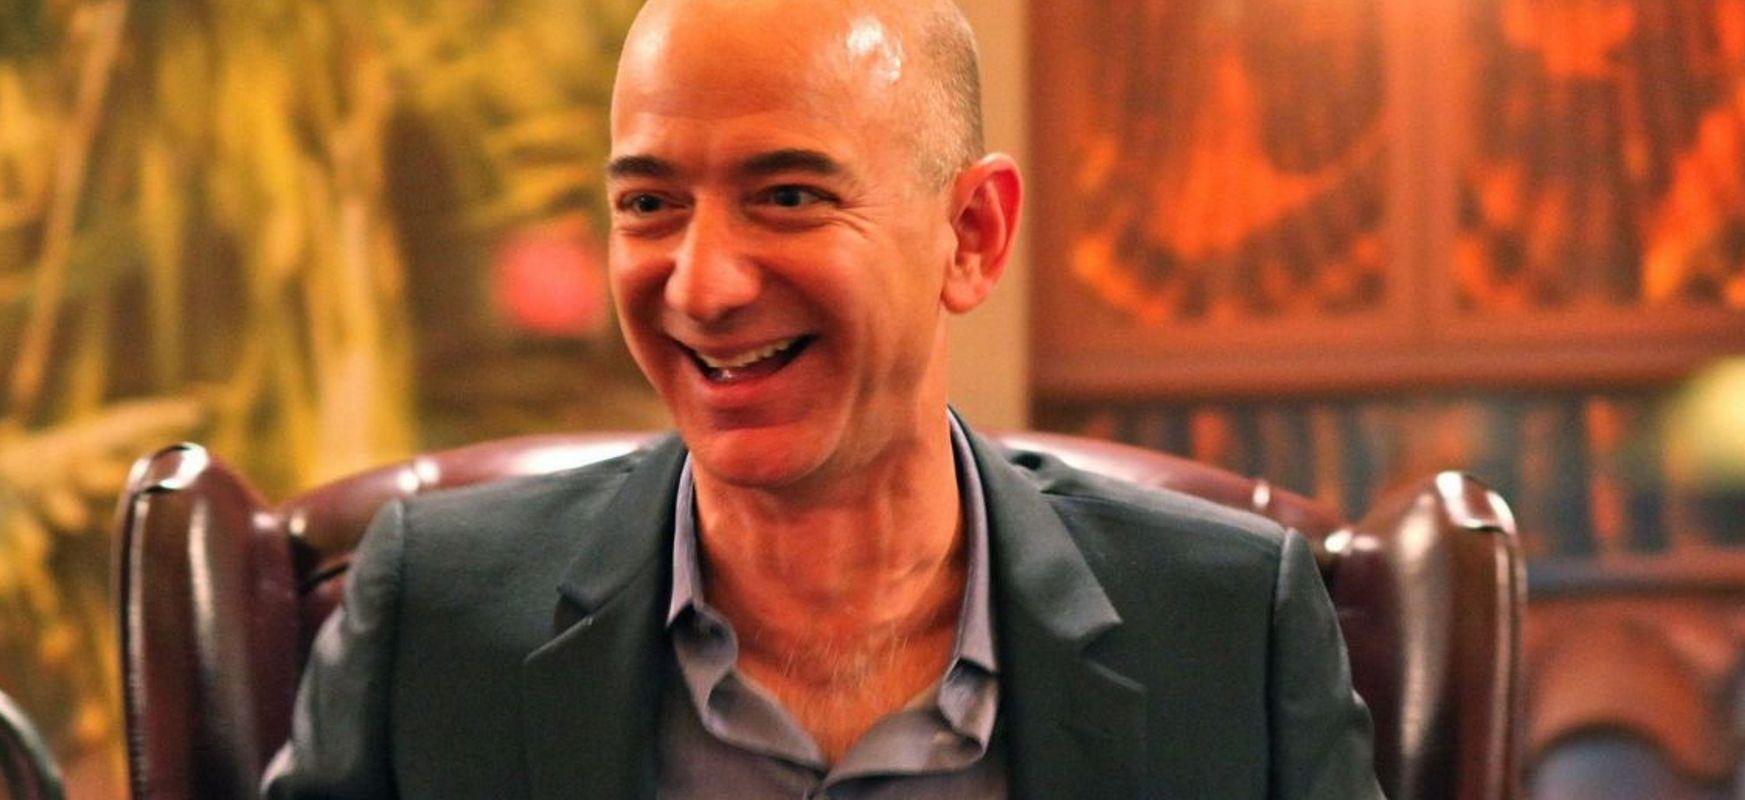 Jeff Bezos -entzat 6 urteak munduko lehen biliozalea izateko aukera du